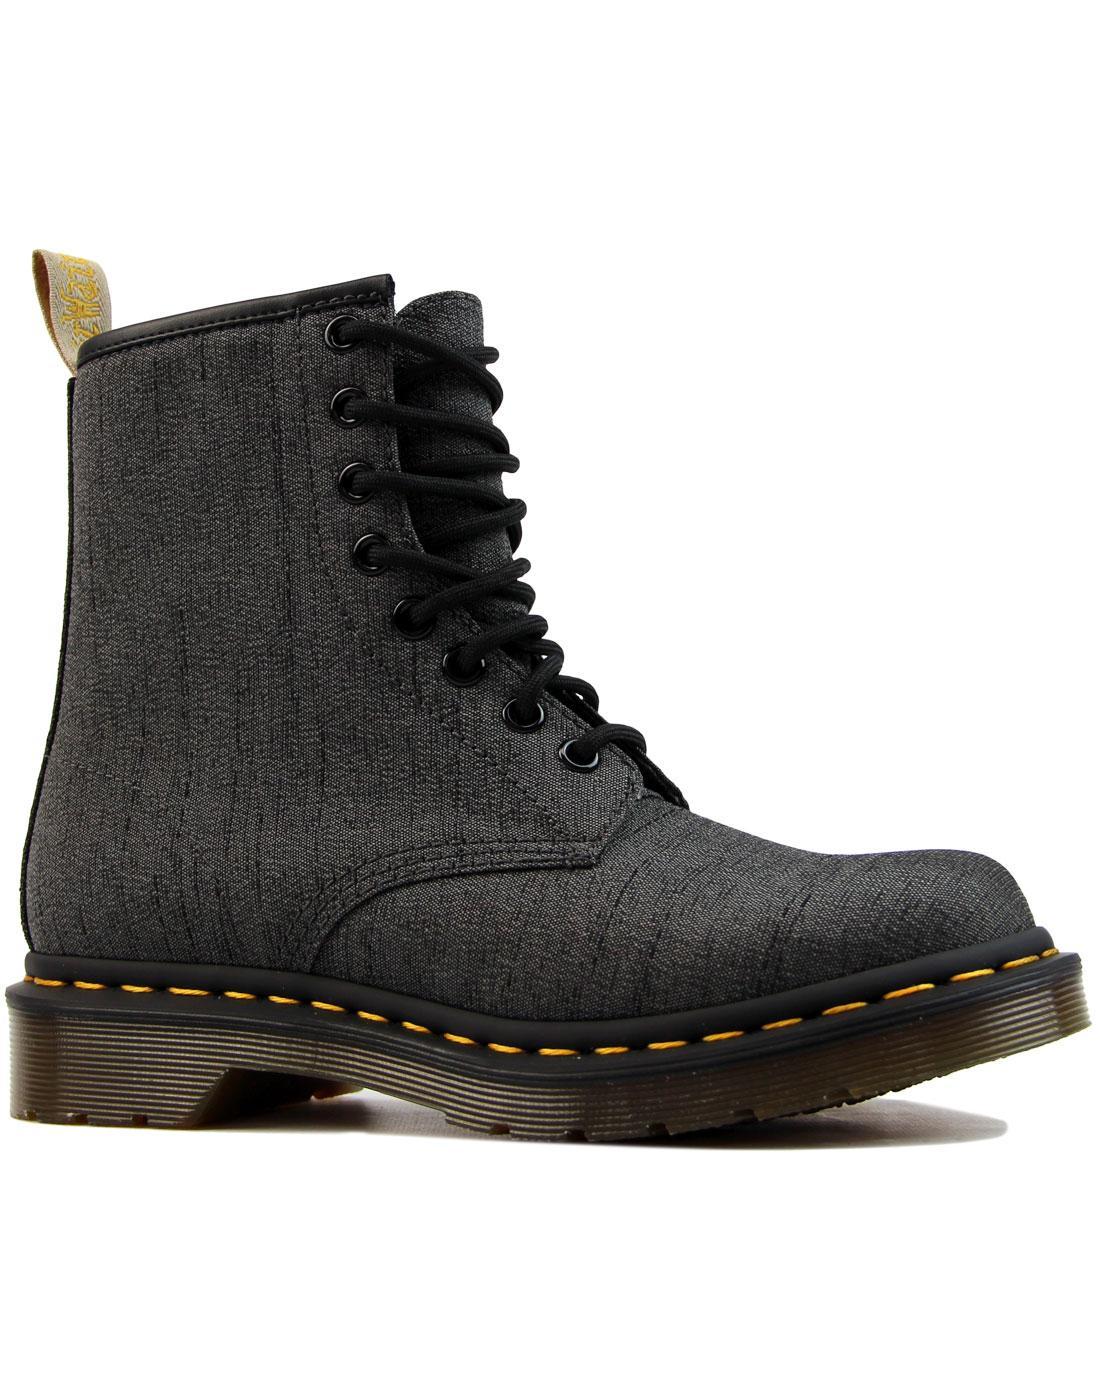 Vegan Castel 1460 DR MARTENS Gunmetal Serge Boots